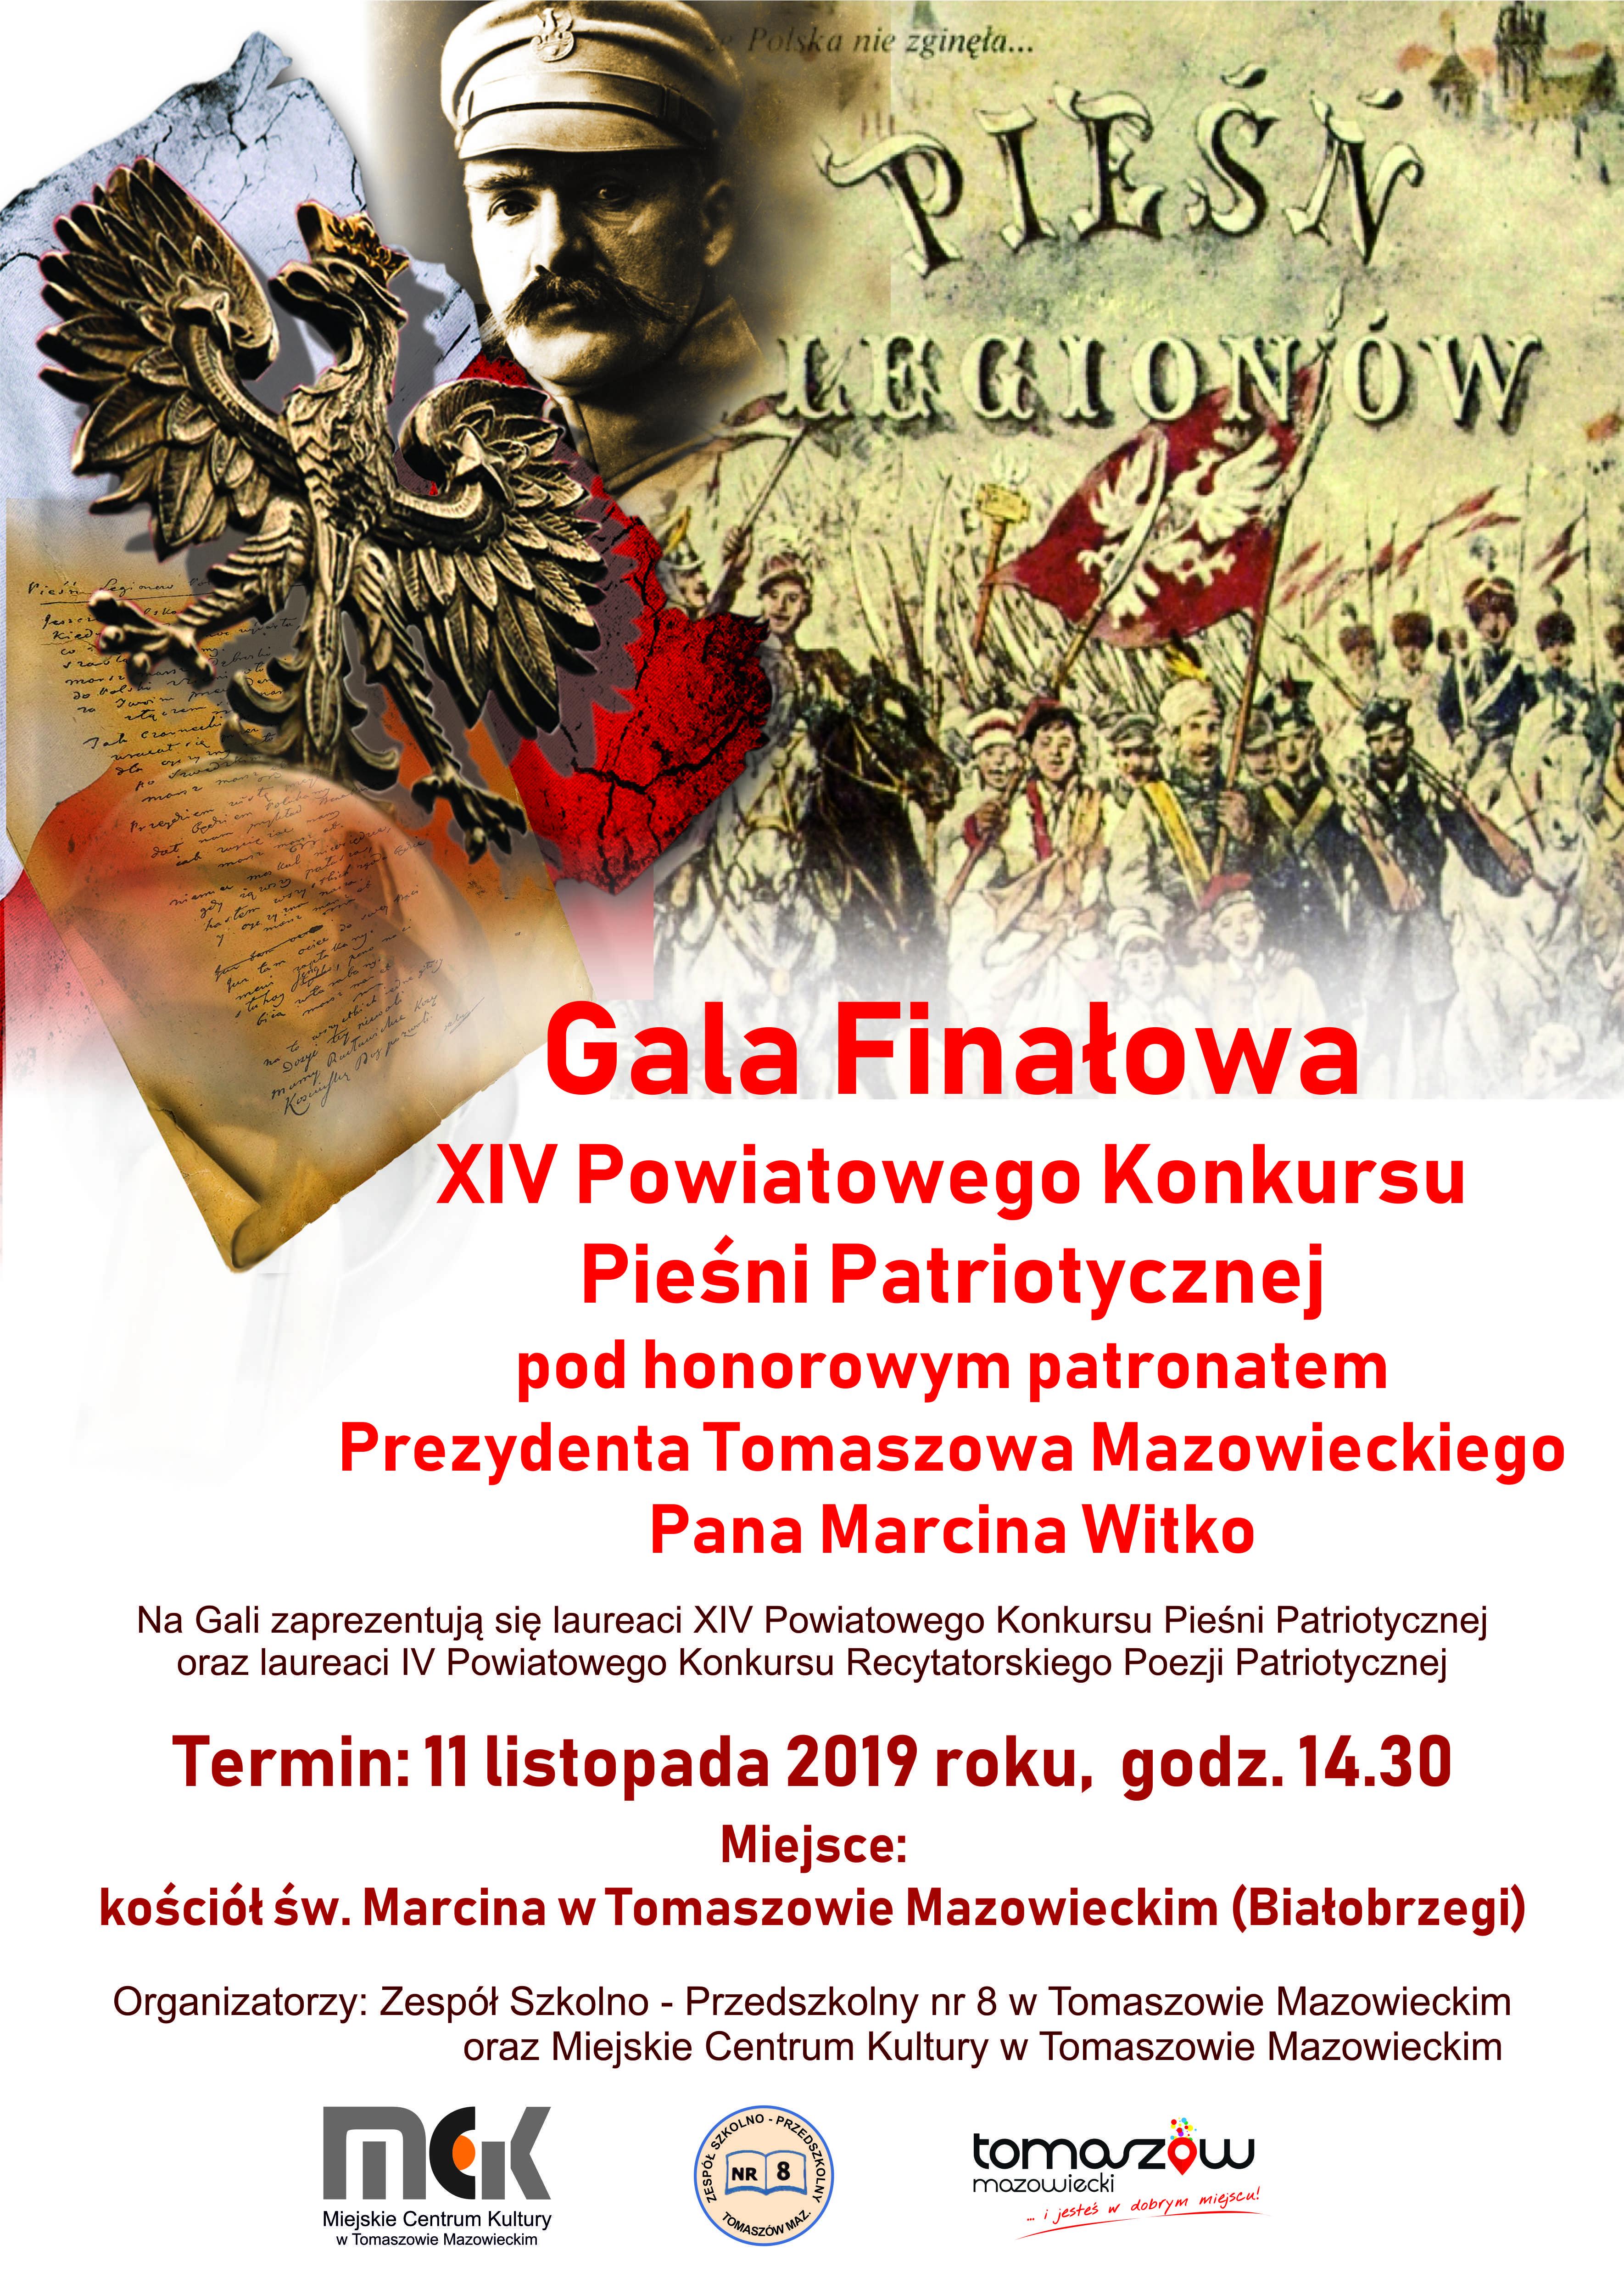 Gala Finałowa XIV Powiatowego Konkursu Pieśni Patriotycznej